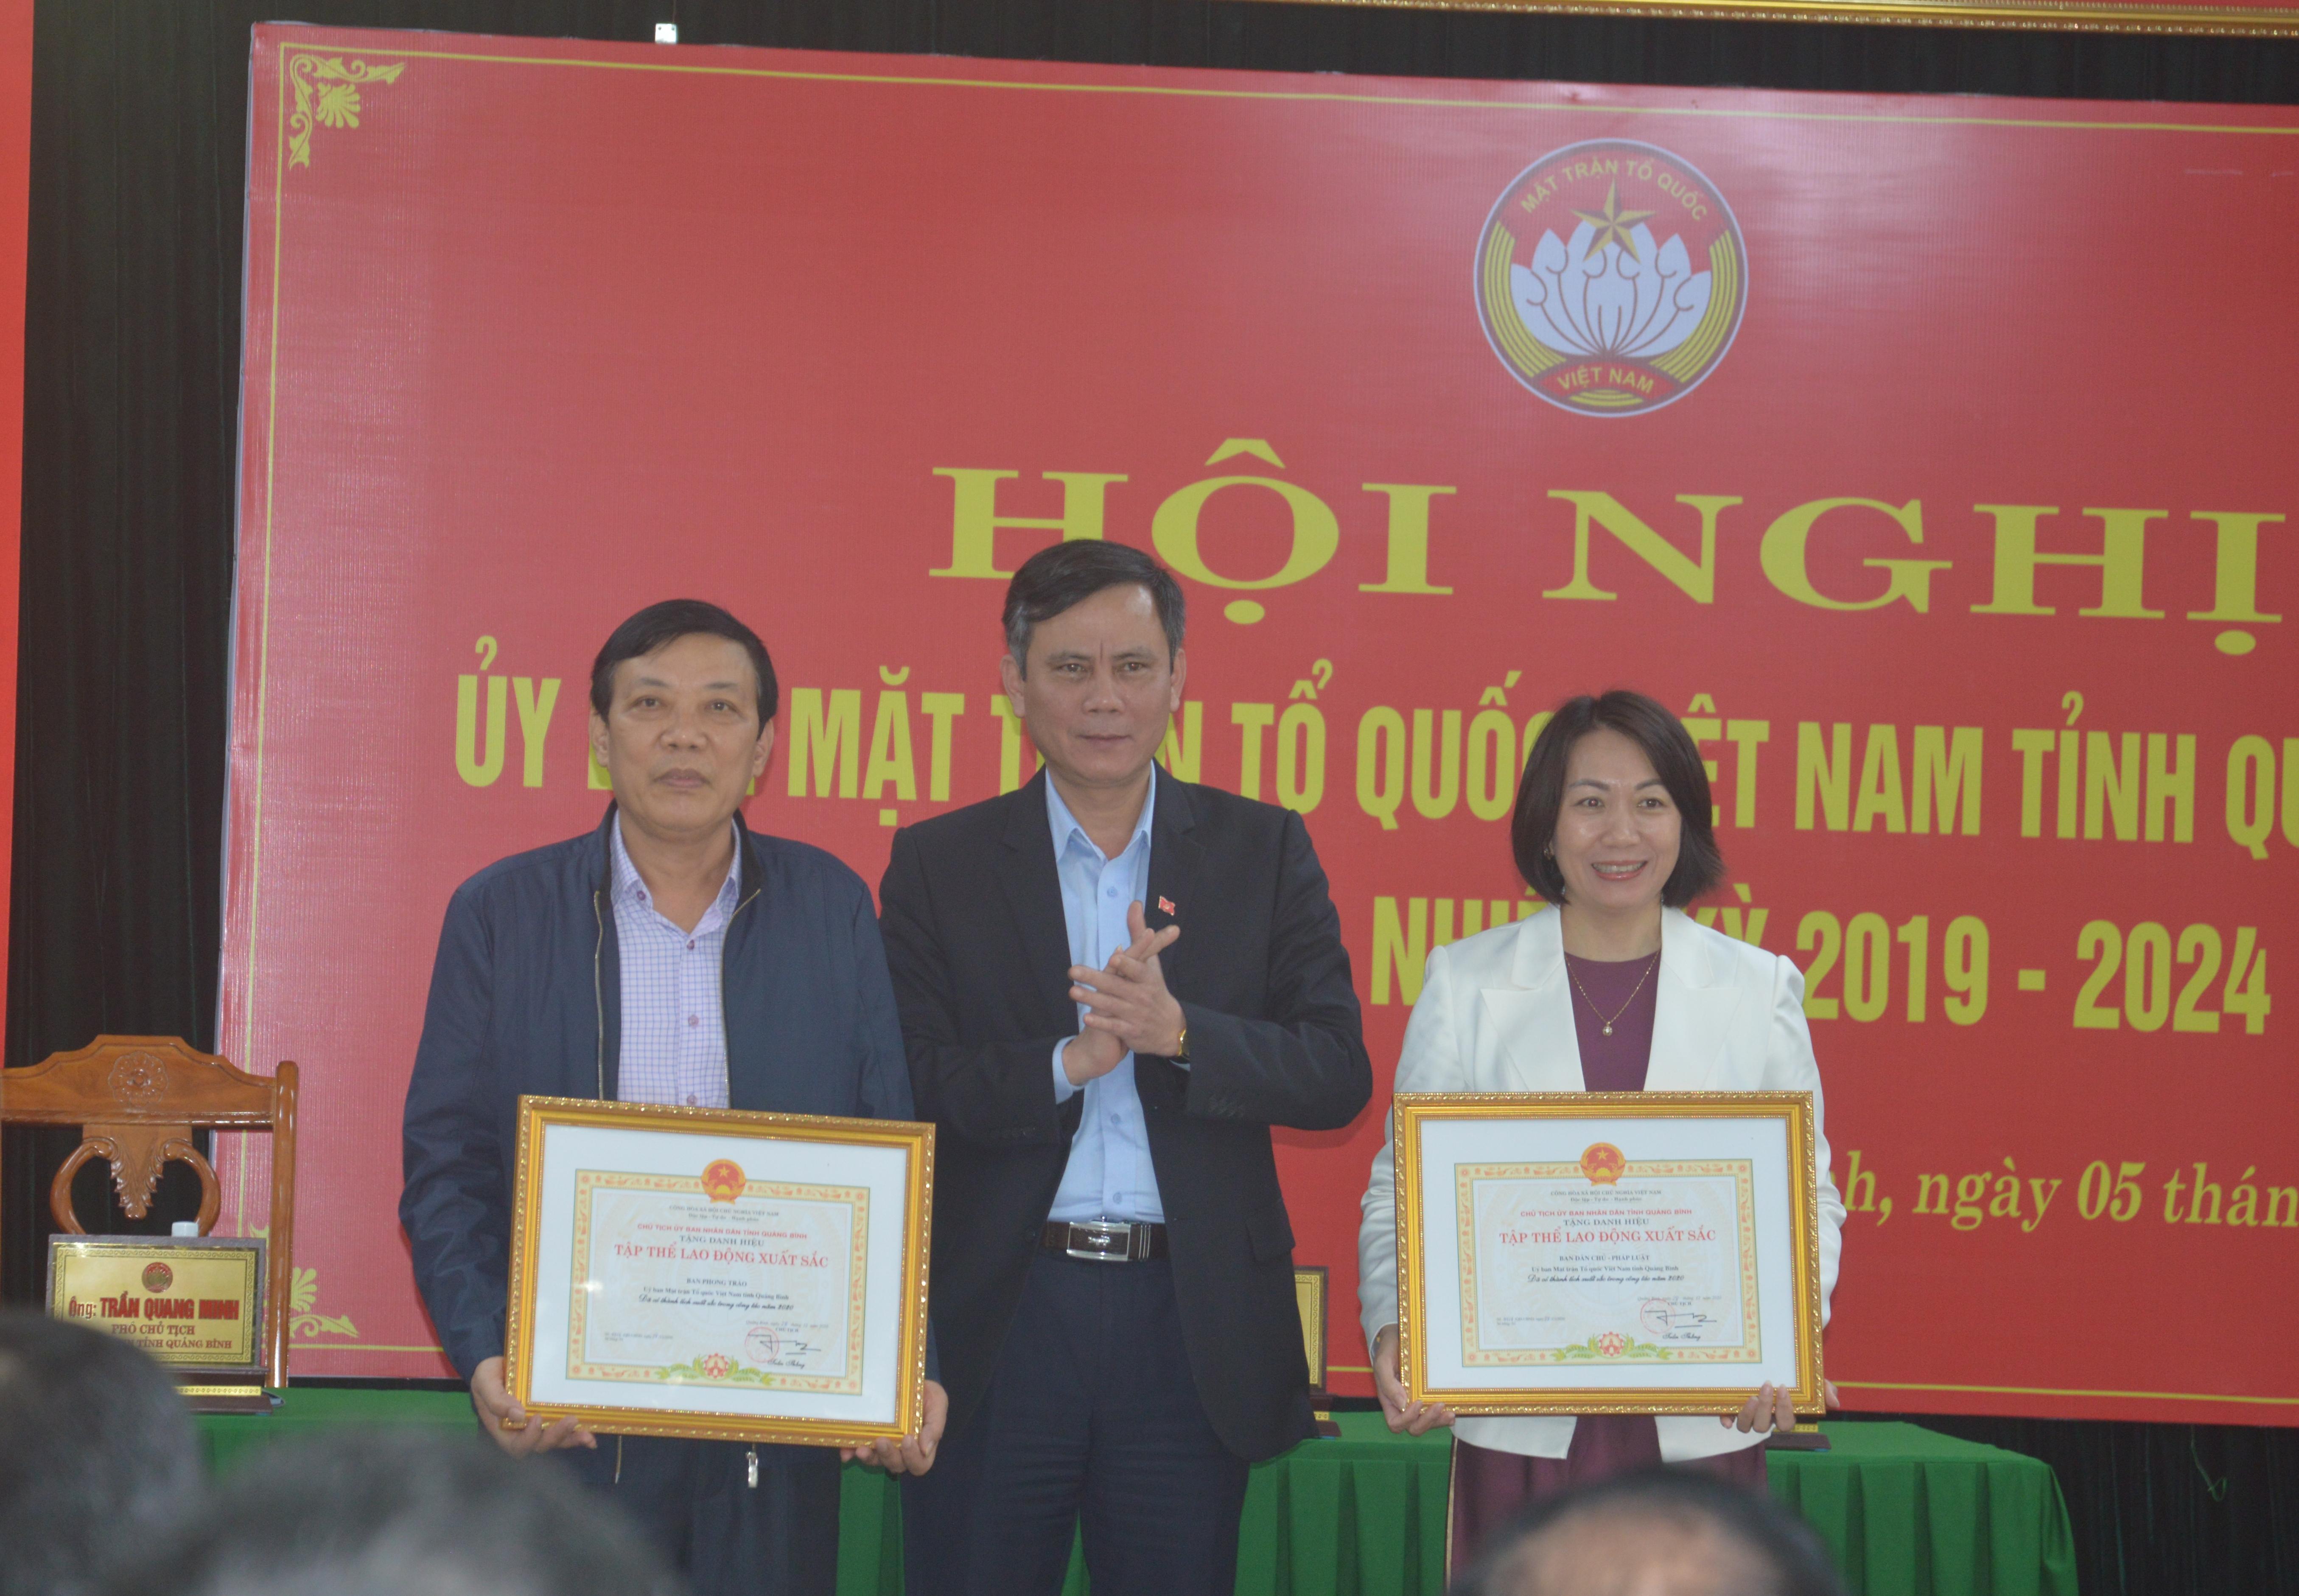 Ông Trần Thắng, Chủ tịch UBND tỉnh Quảng Bình